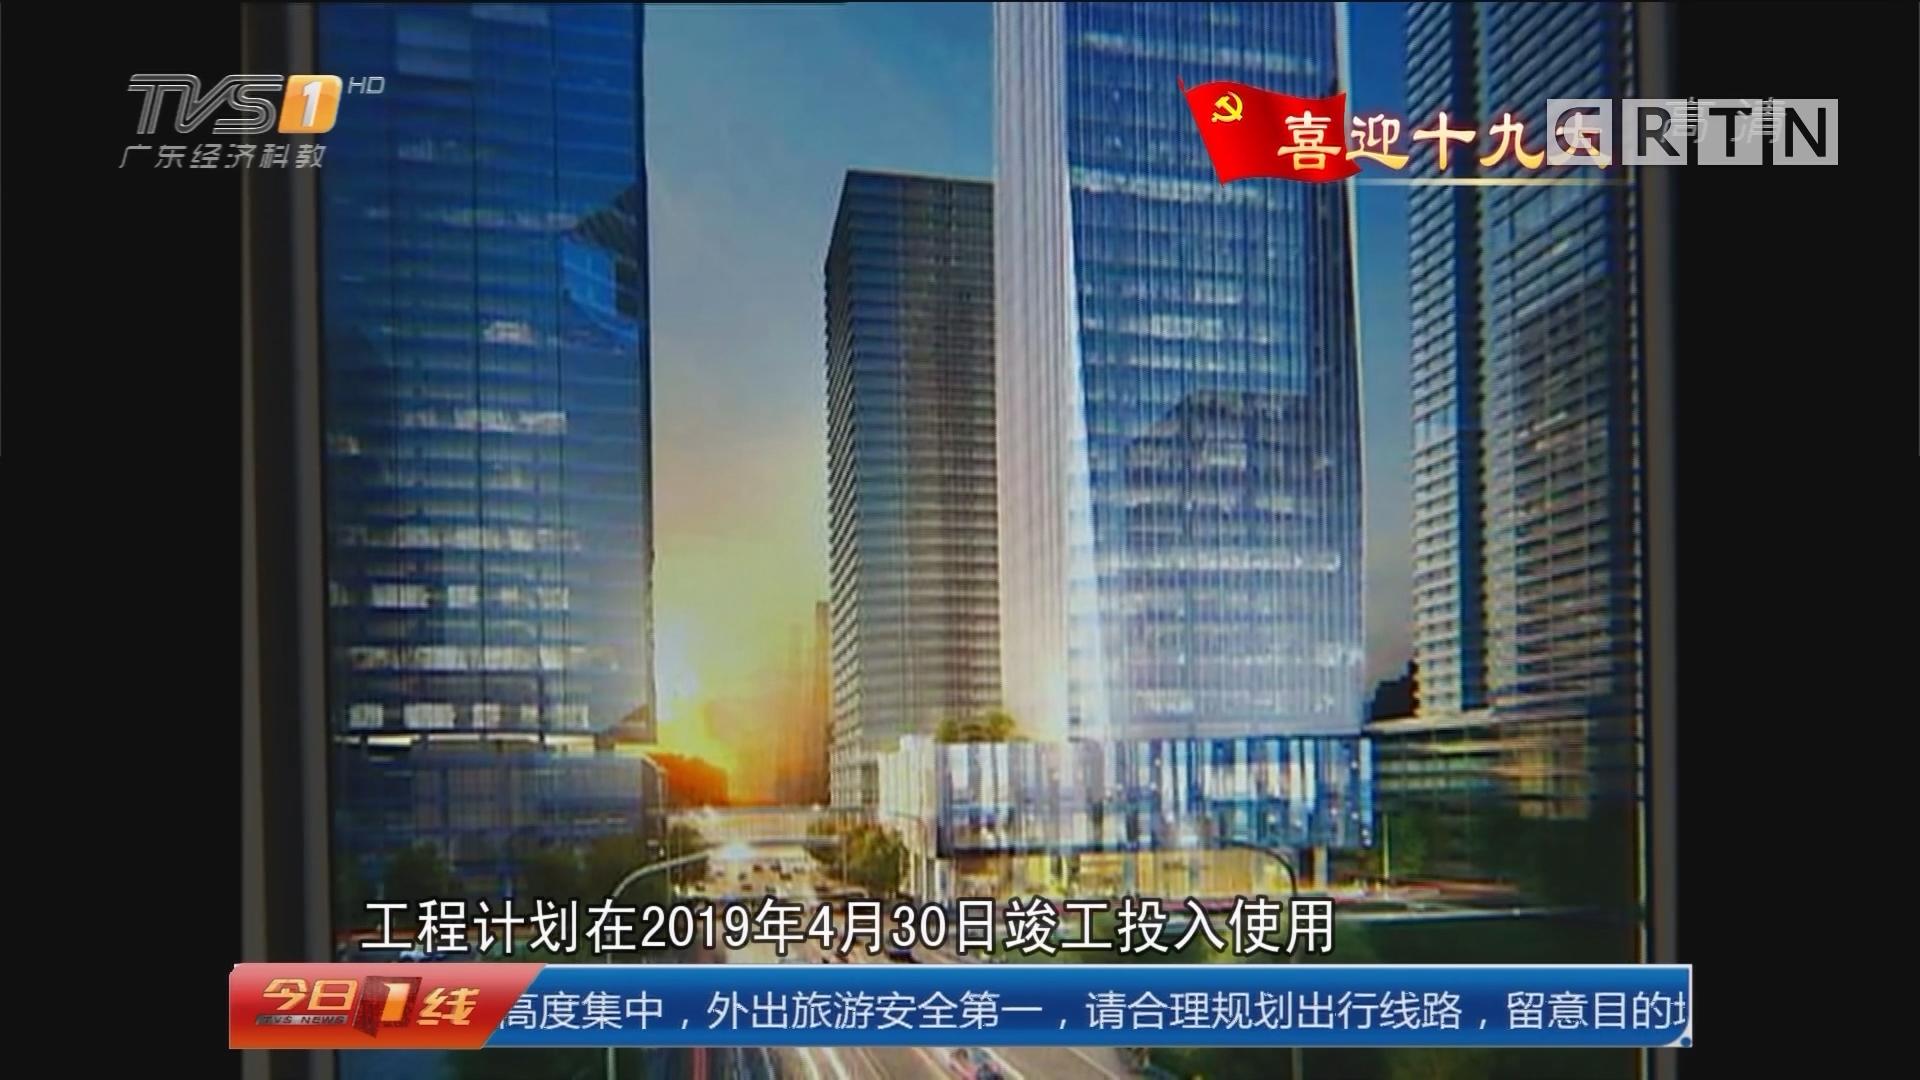 我的朋友圈 美好的生活:广州海珠 琶洲新城 从荒地变高端互联网集聚区